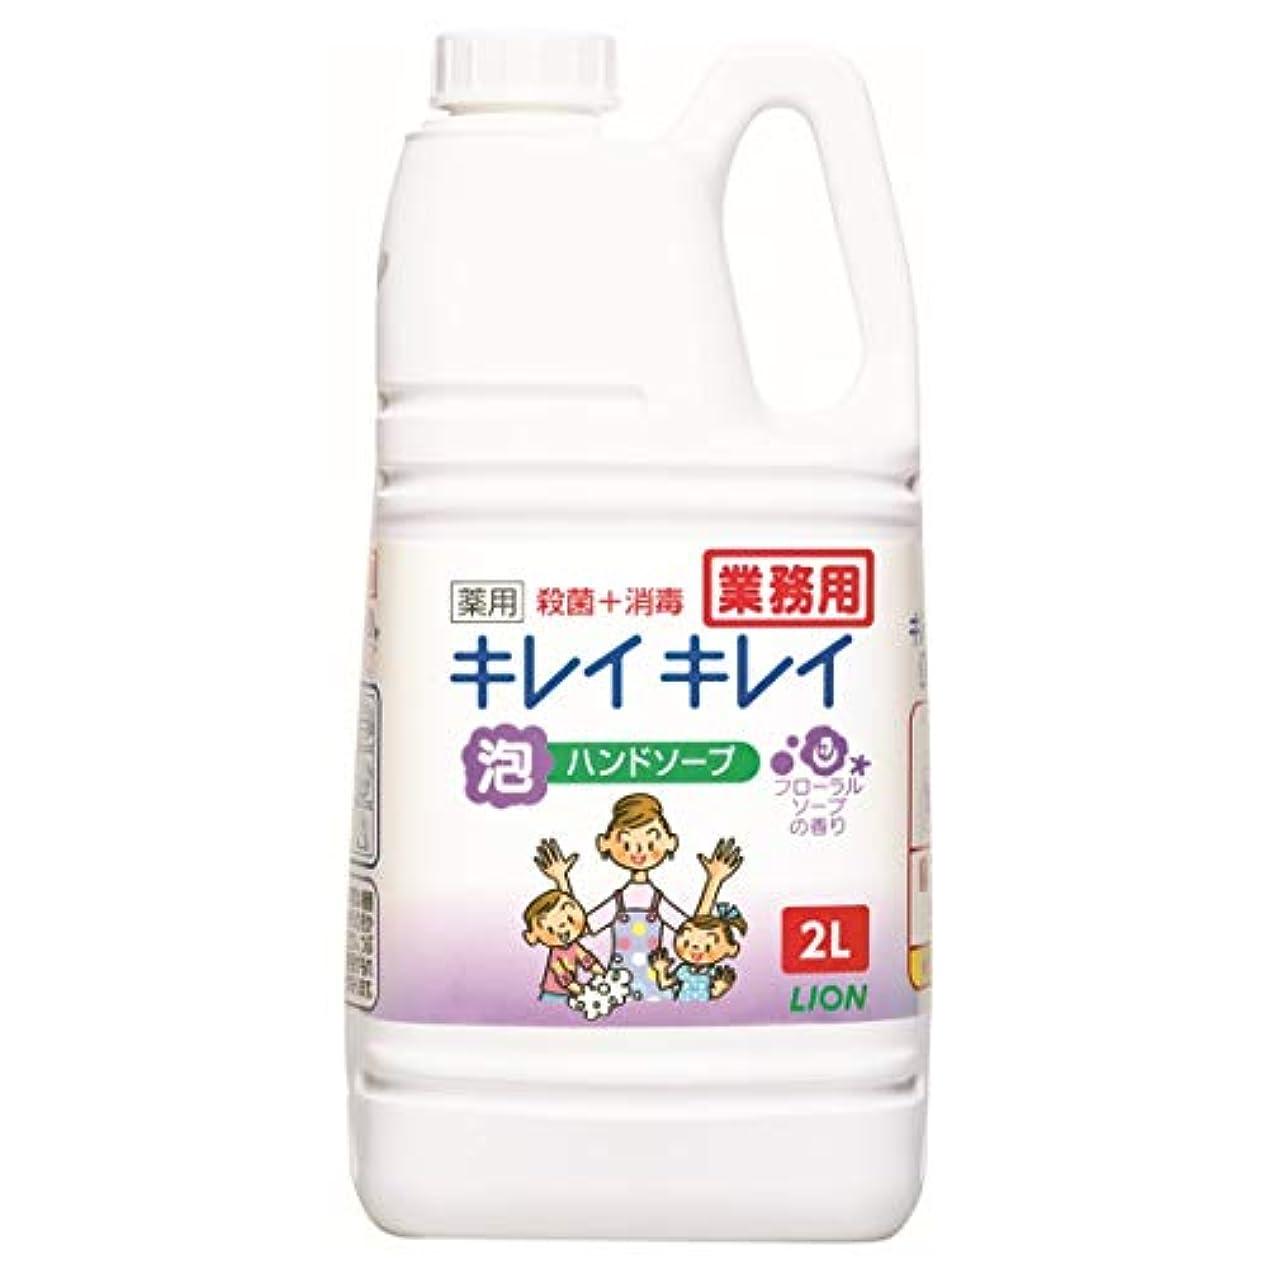 達成するサバントエンターテインメント【大容量】キレイキレイ 薬用泡ハンドソープ フローラルソープの香り 2L